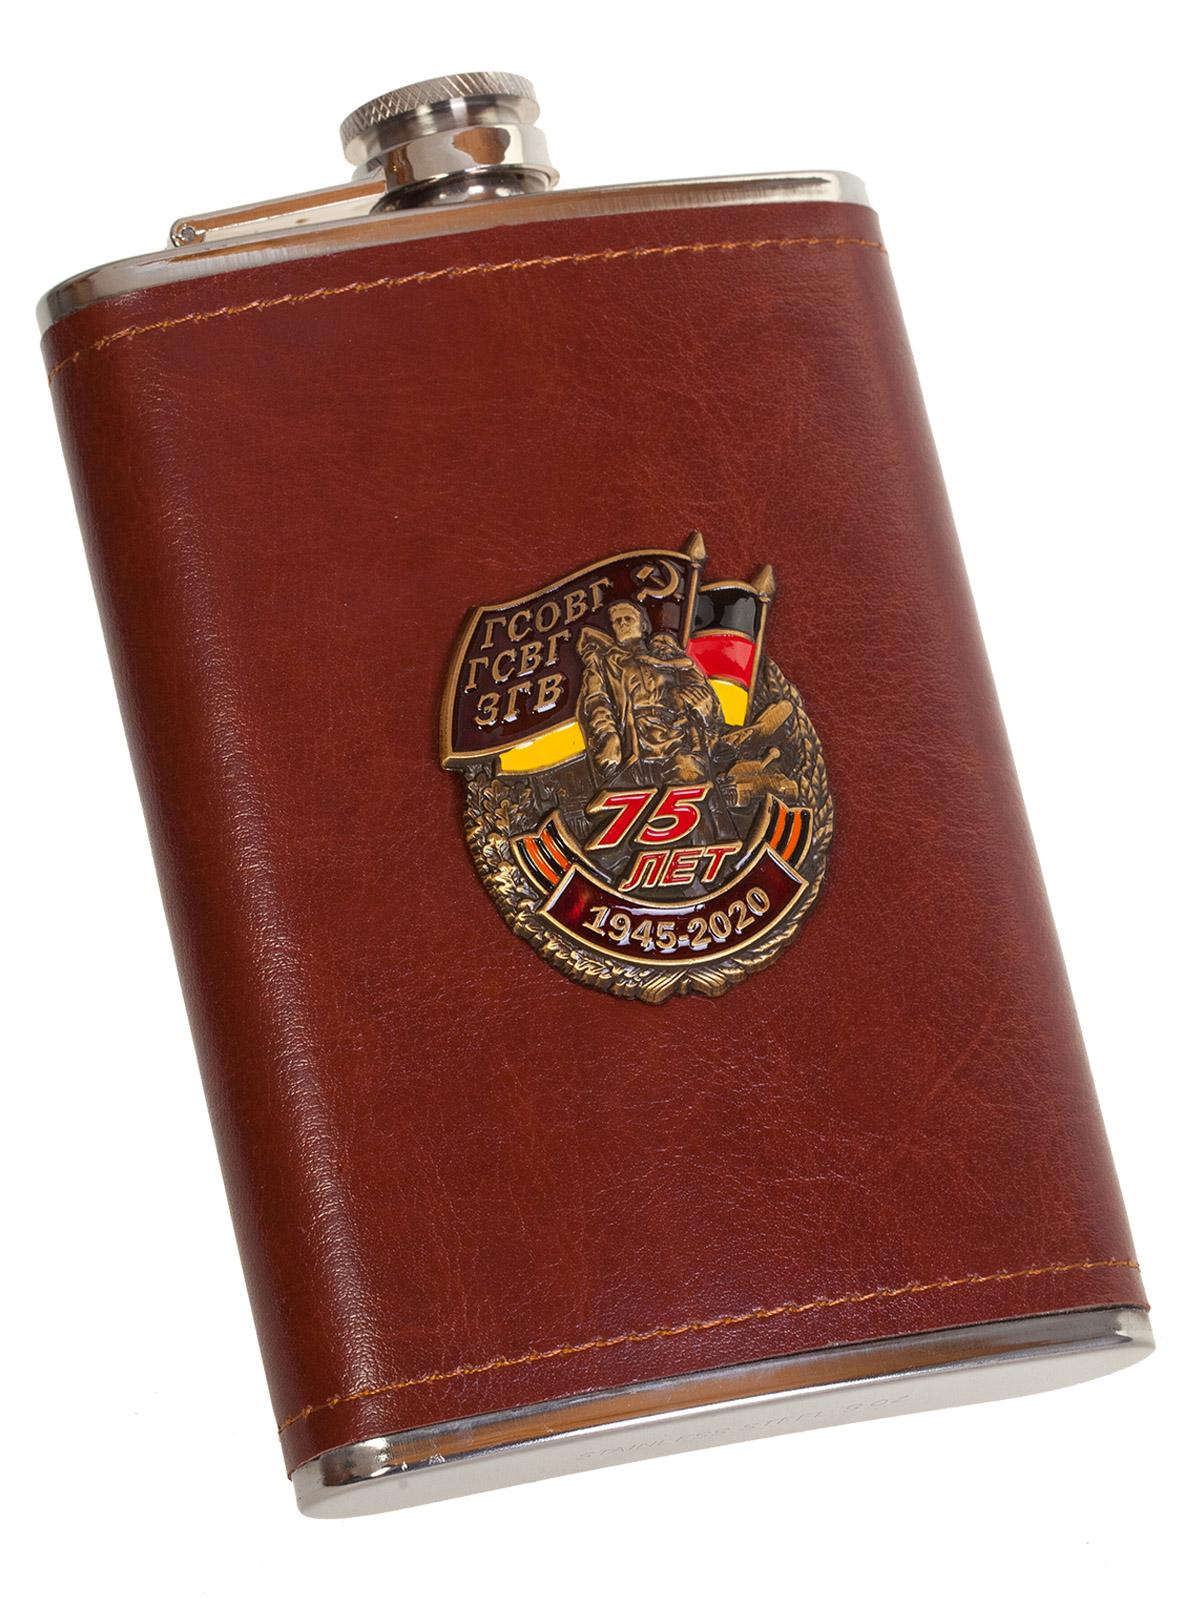 Юбилейная фляжка в кожаной оплетке с накладкой ГСВГ - заказать оптом